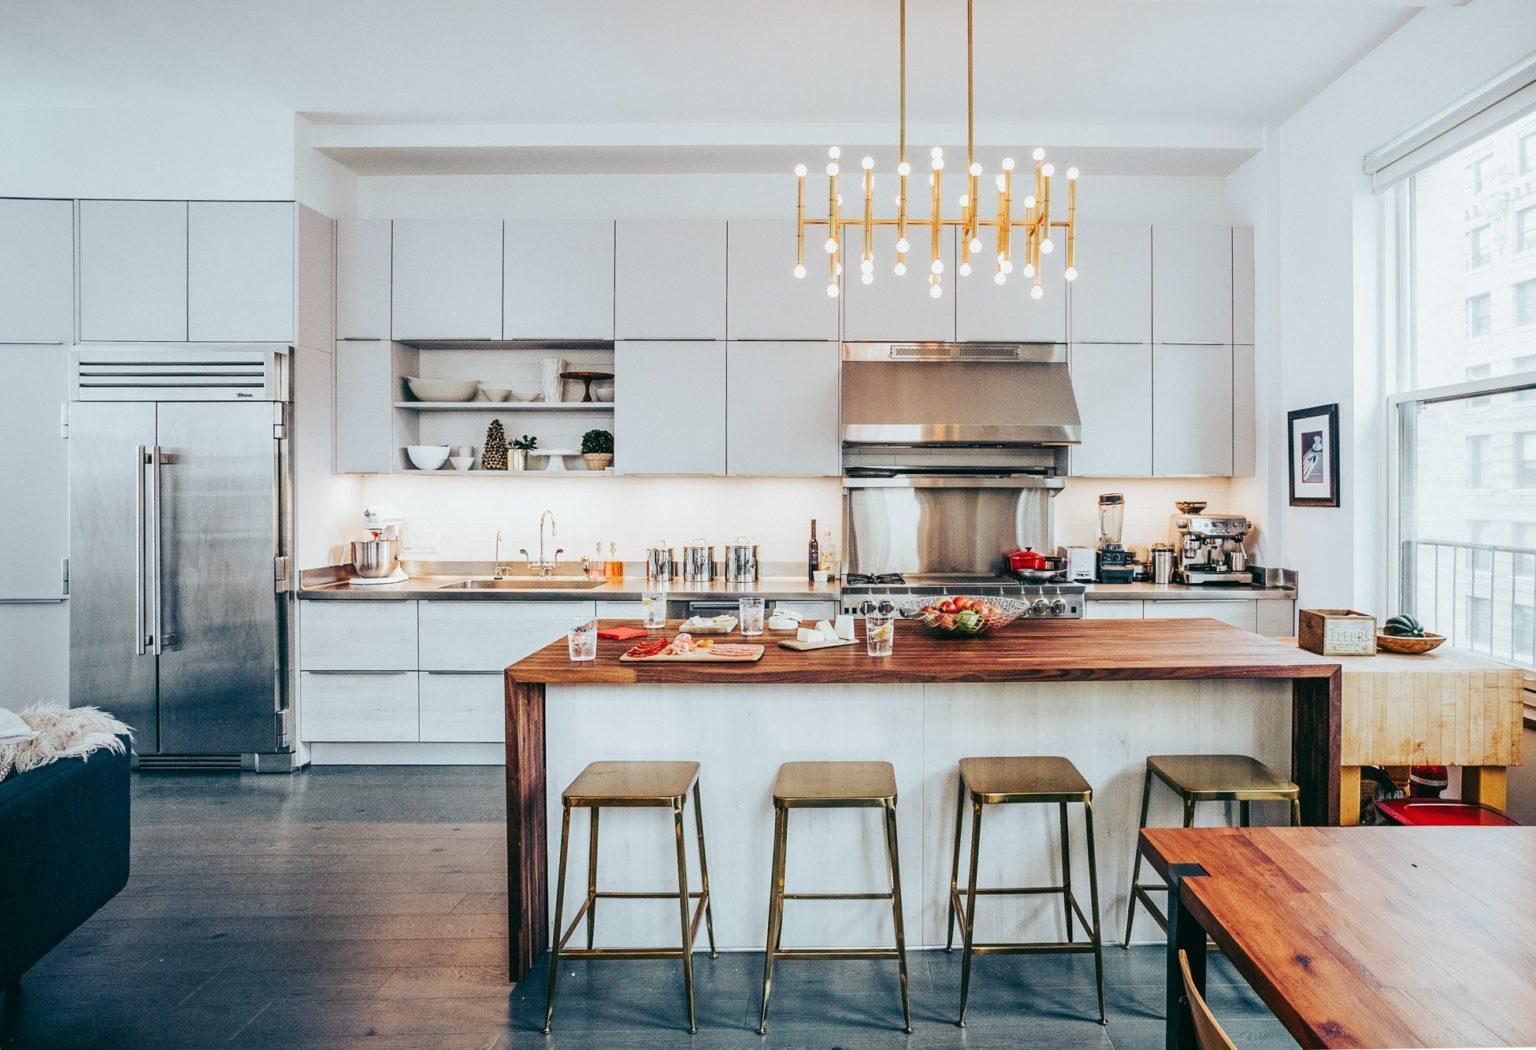 Wylie Dufresne Kitchen